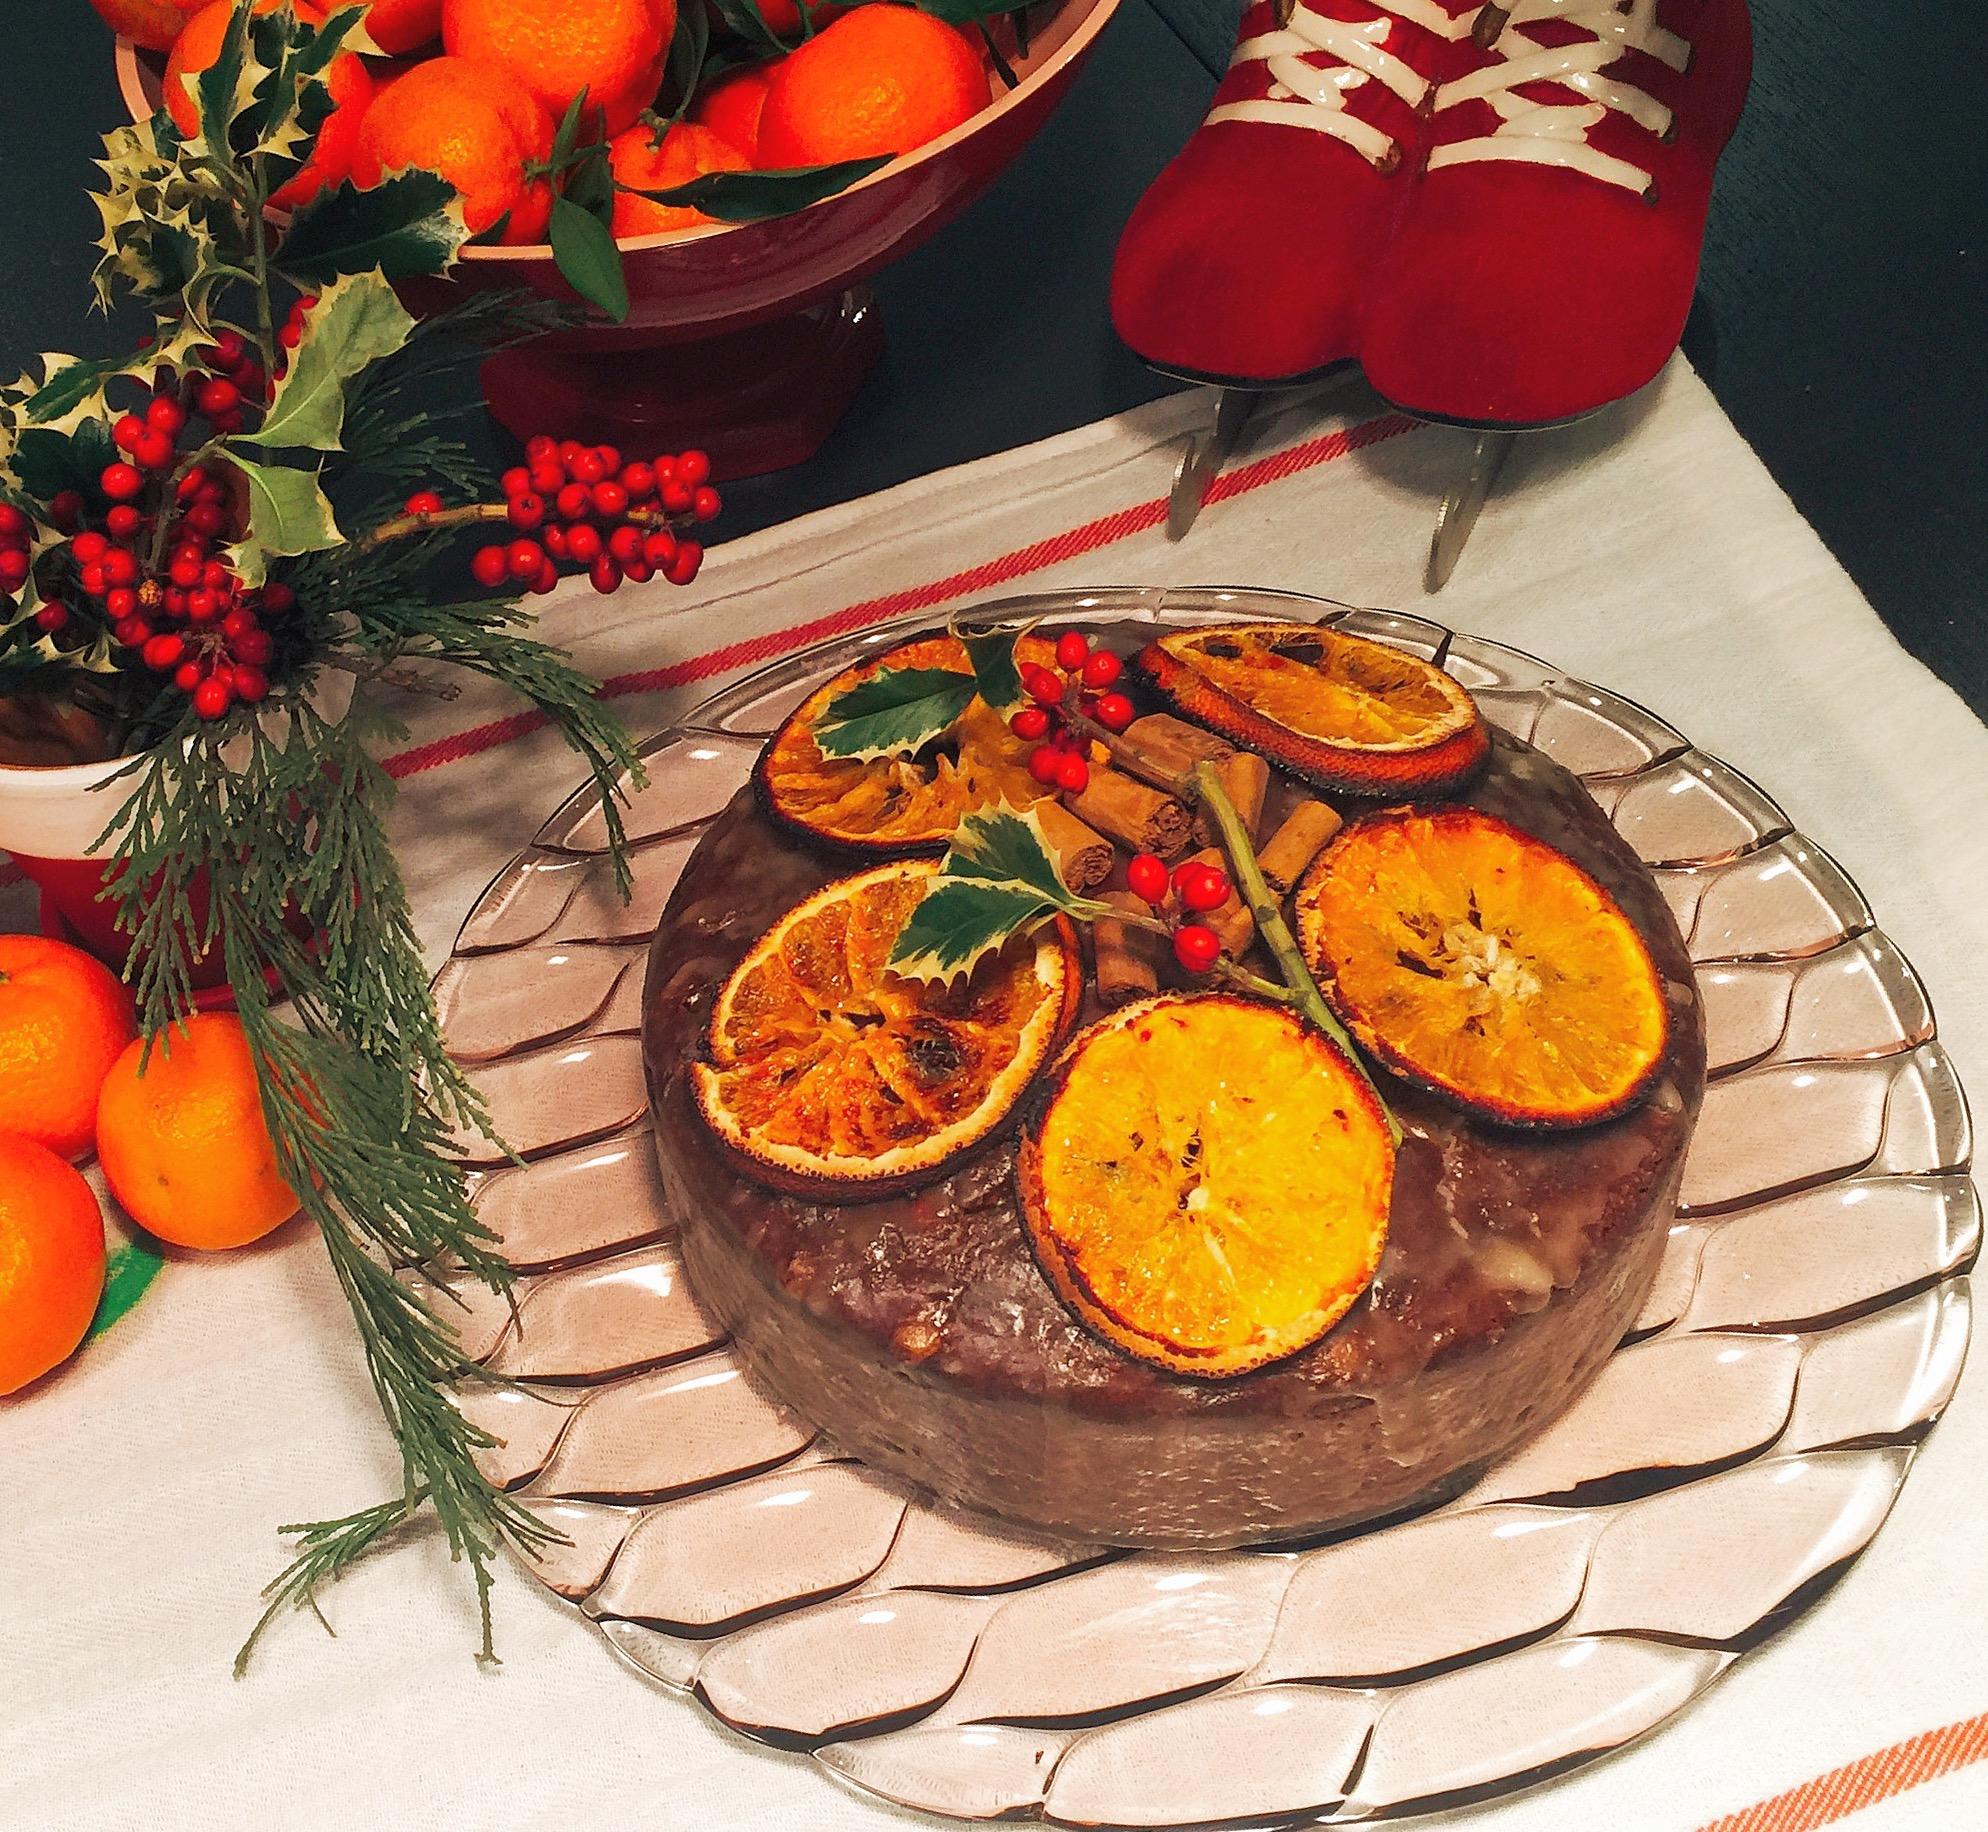 Torta Speziata Senza Burro, un dolce ricco dal profumo goloso e speziato di dolci senza burro